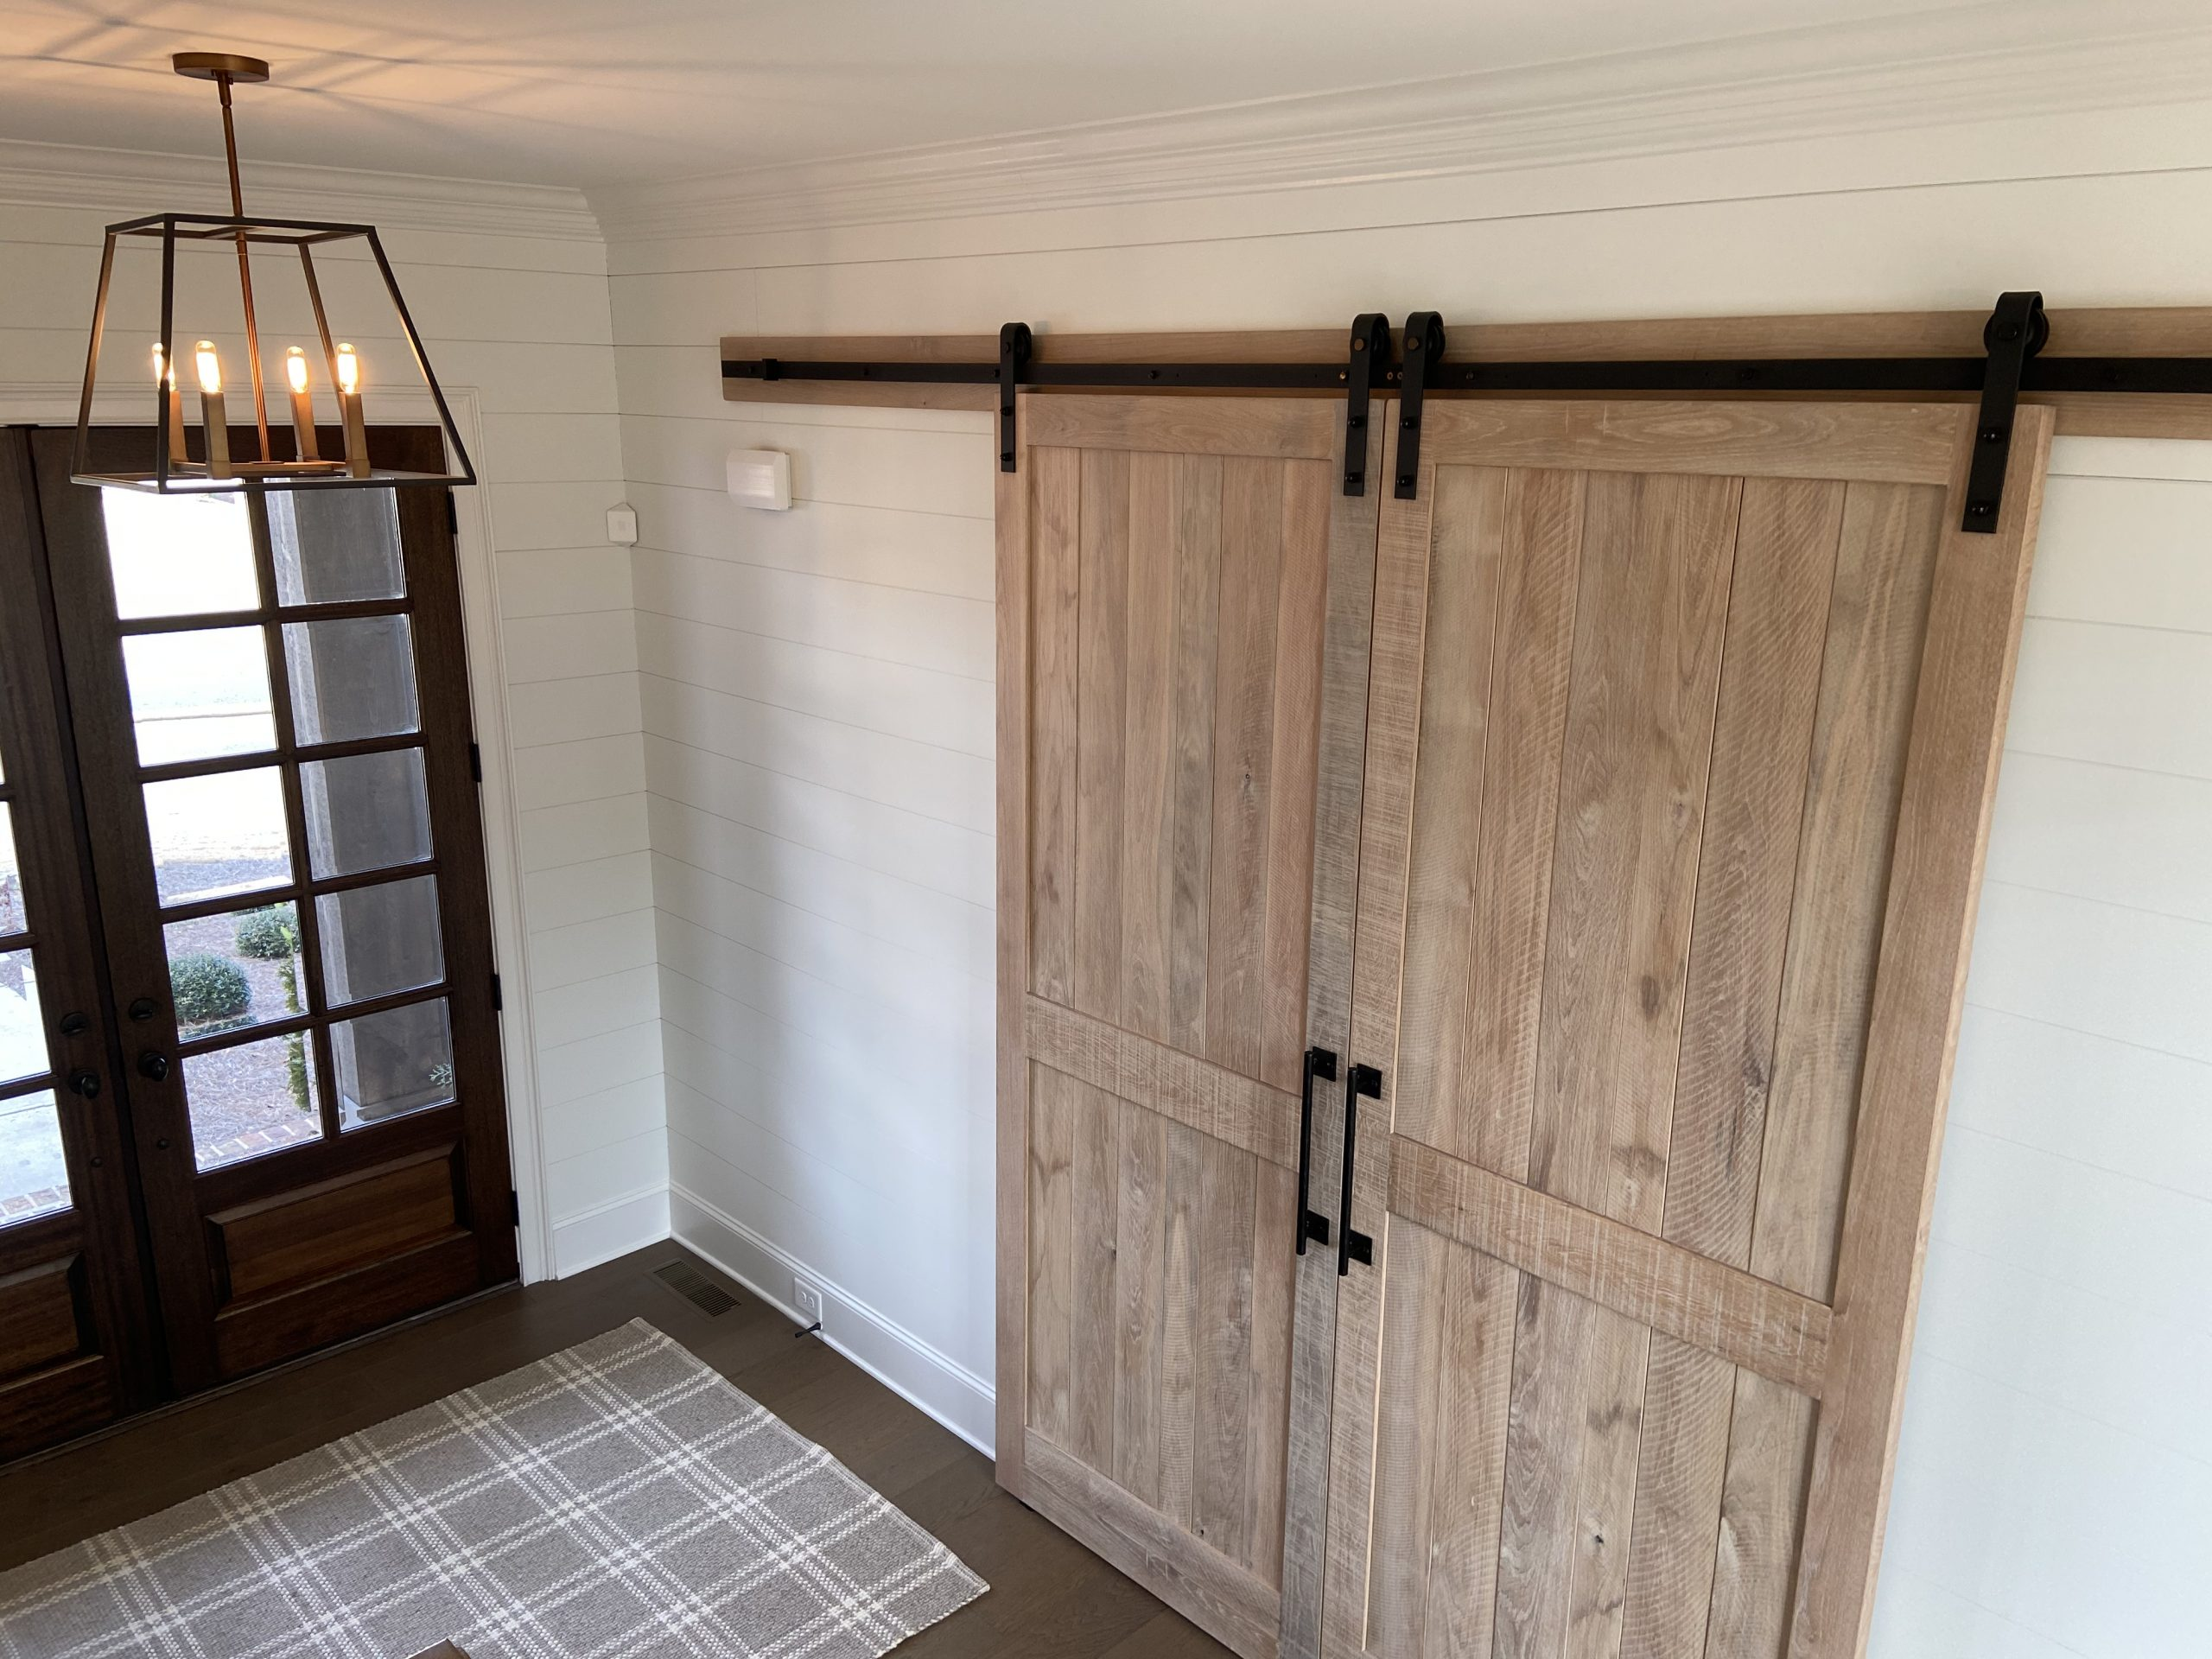 2 custom barn doors closed